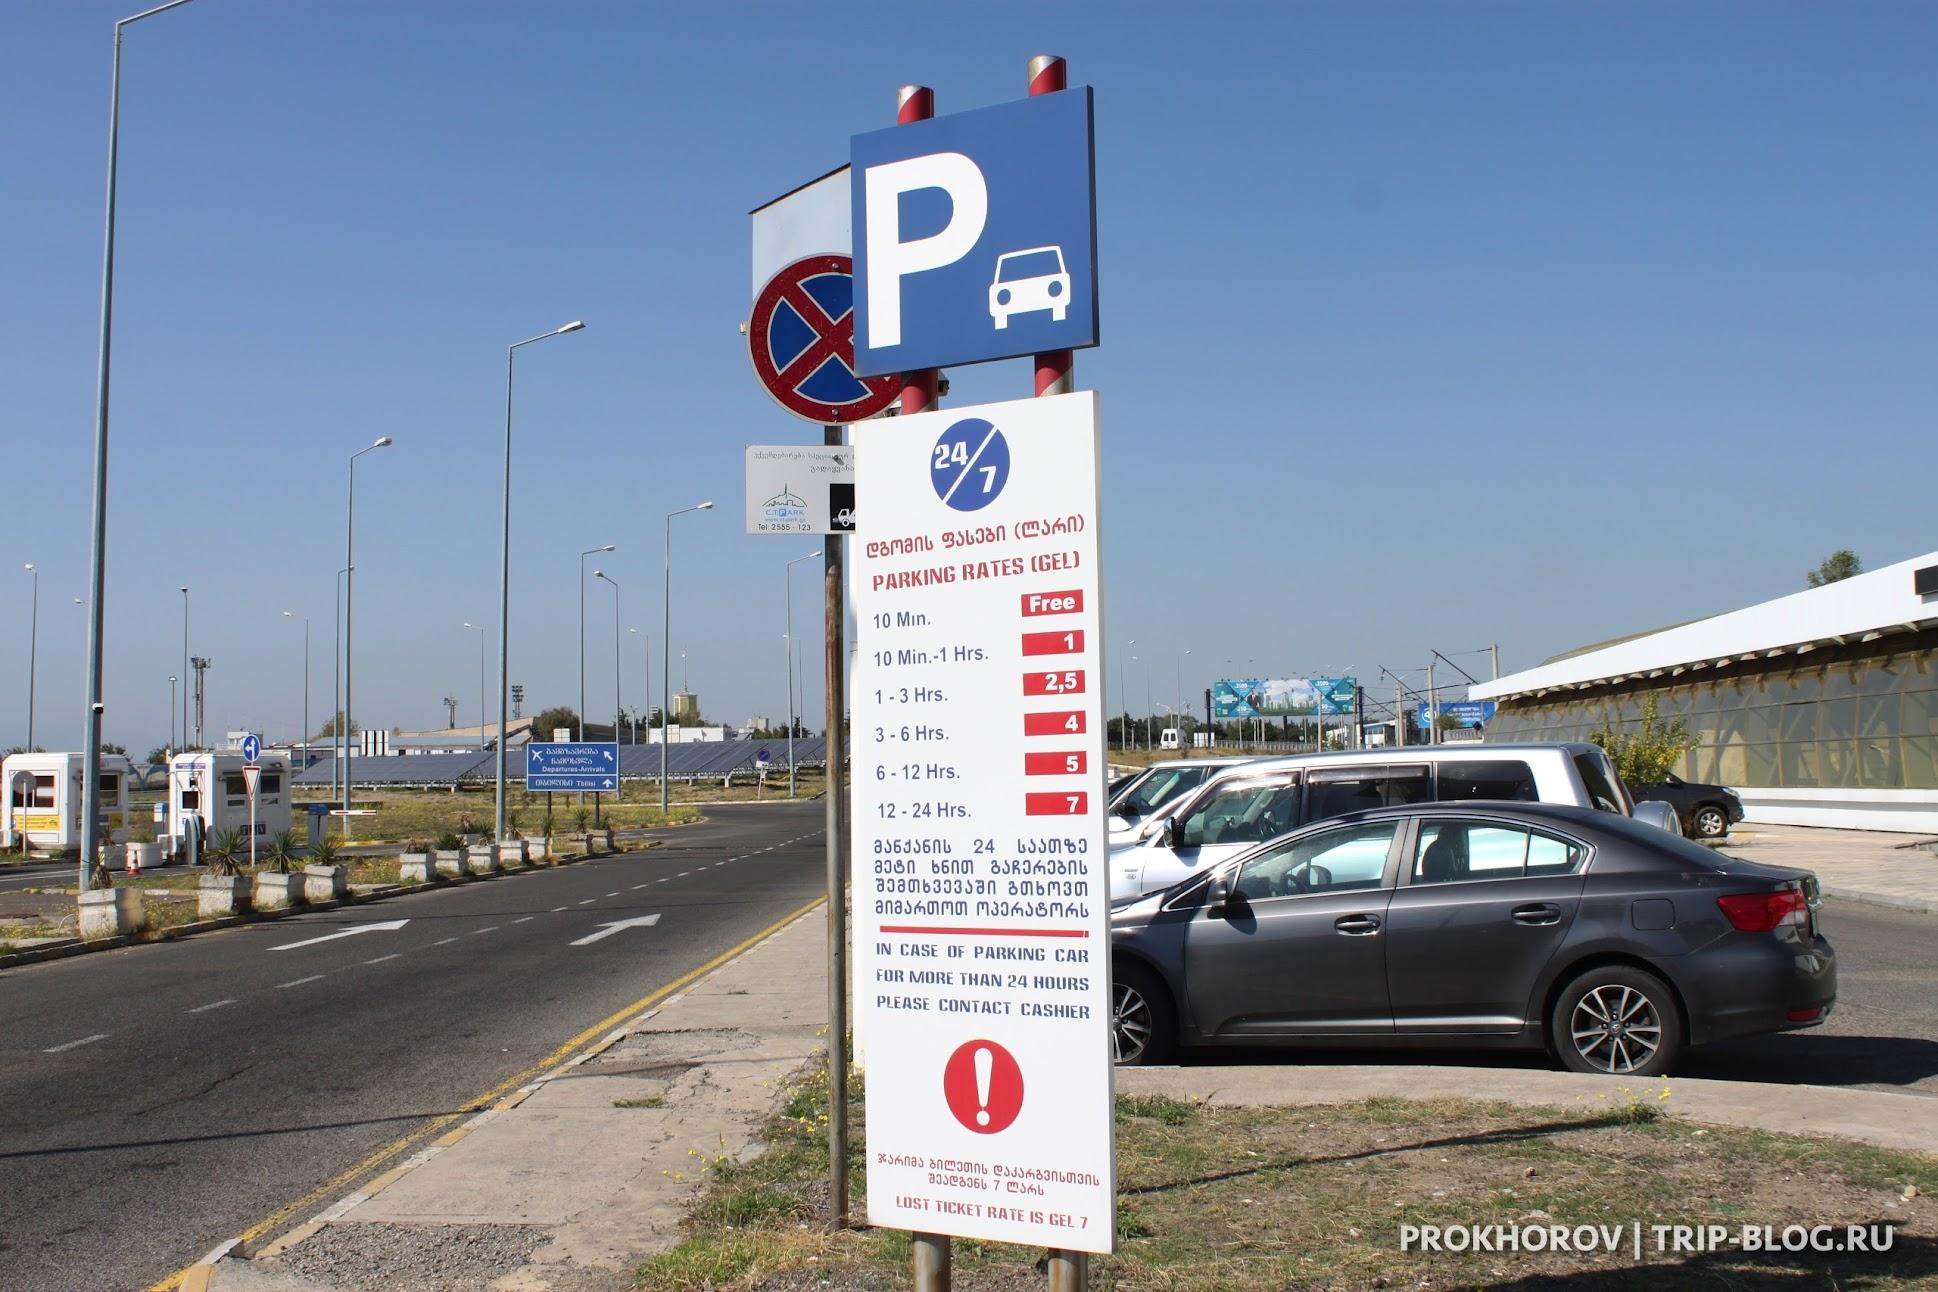 парковка рядом с ж/д станцией у аэропорта Тбилиси